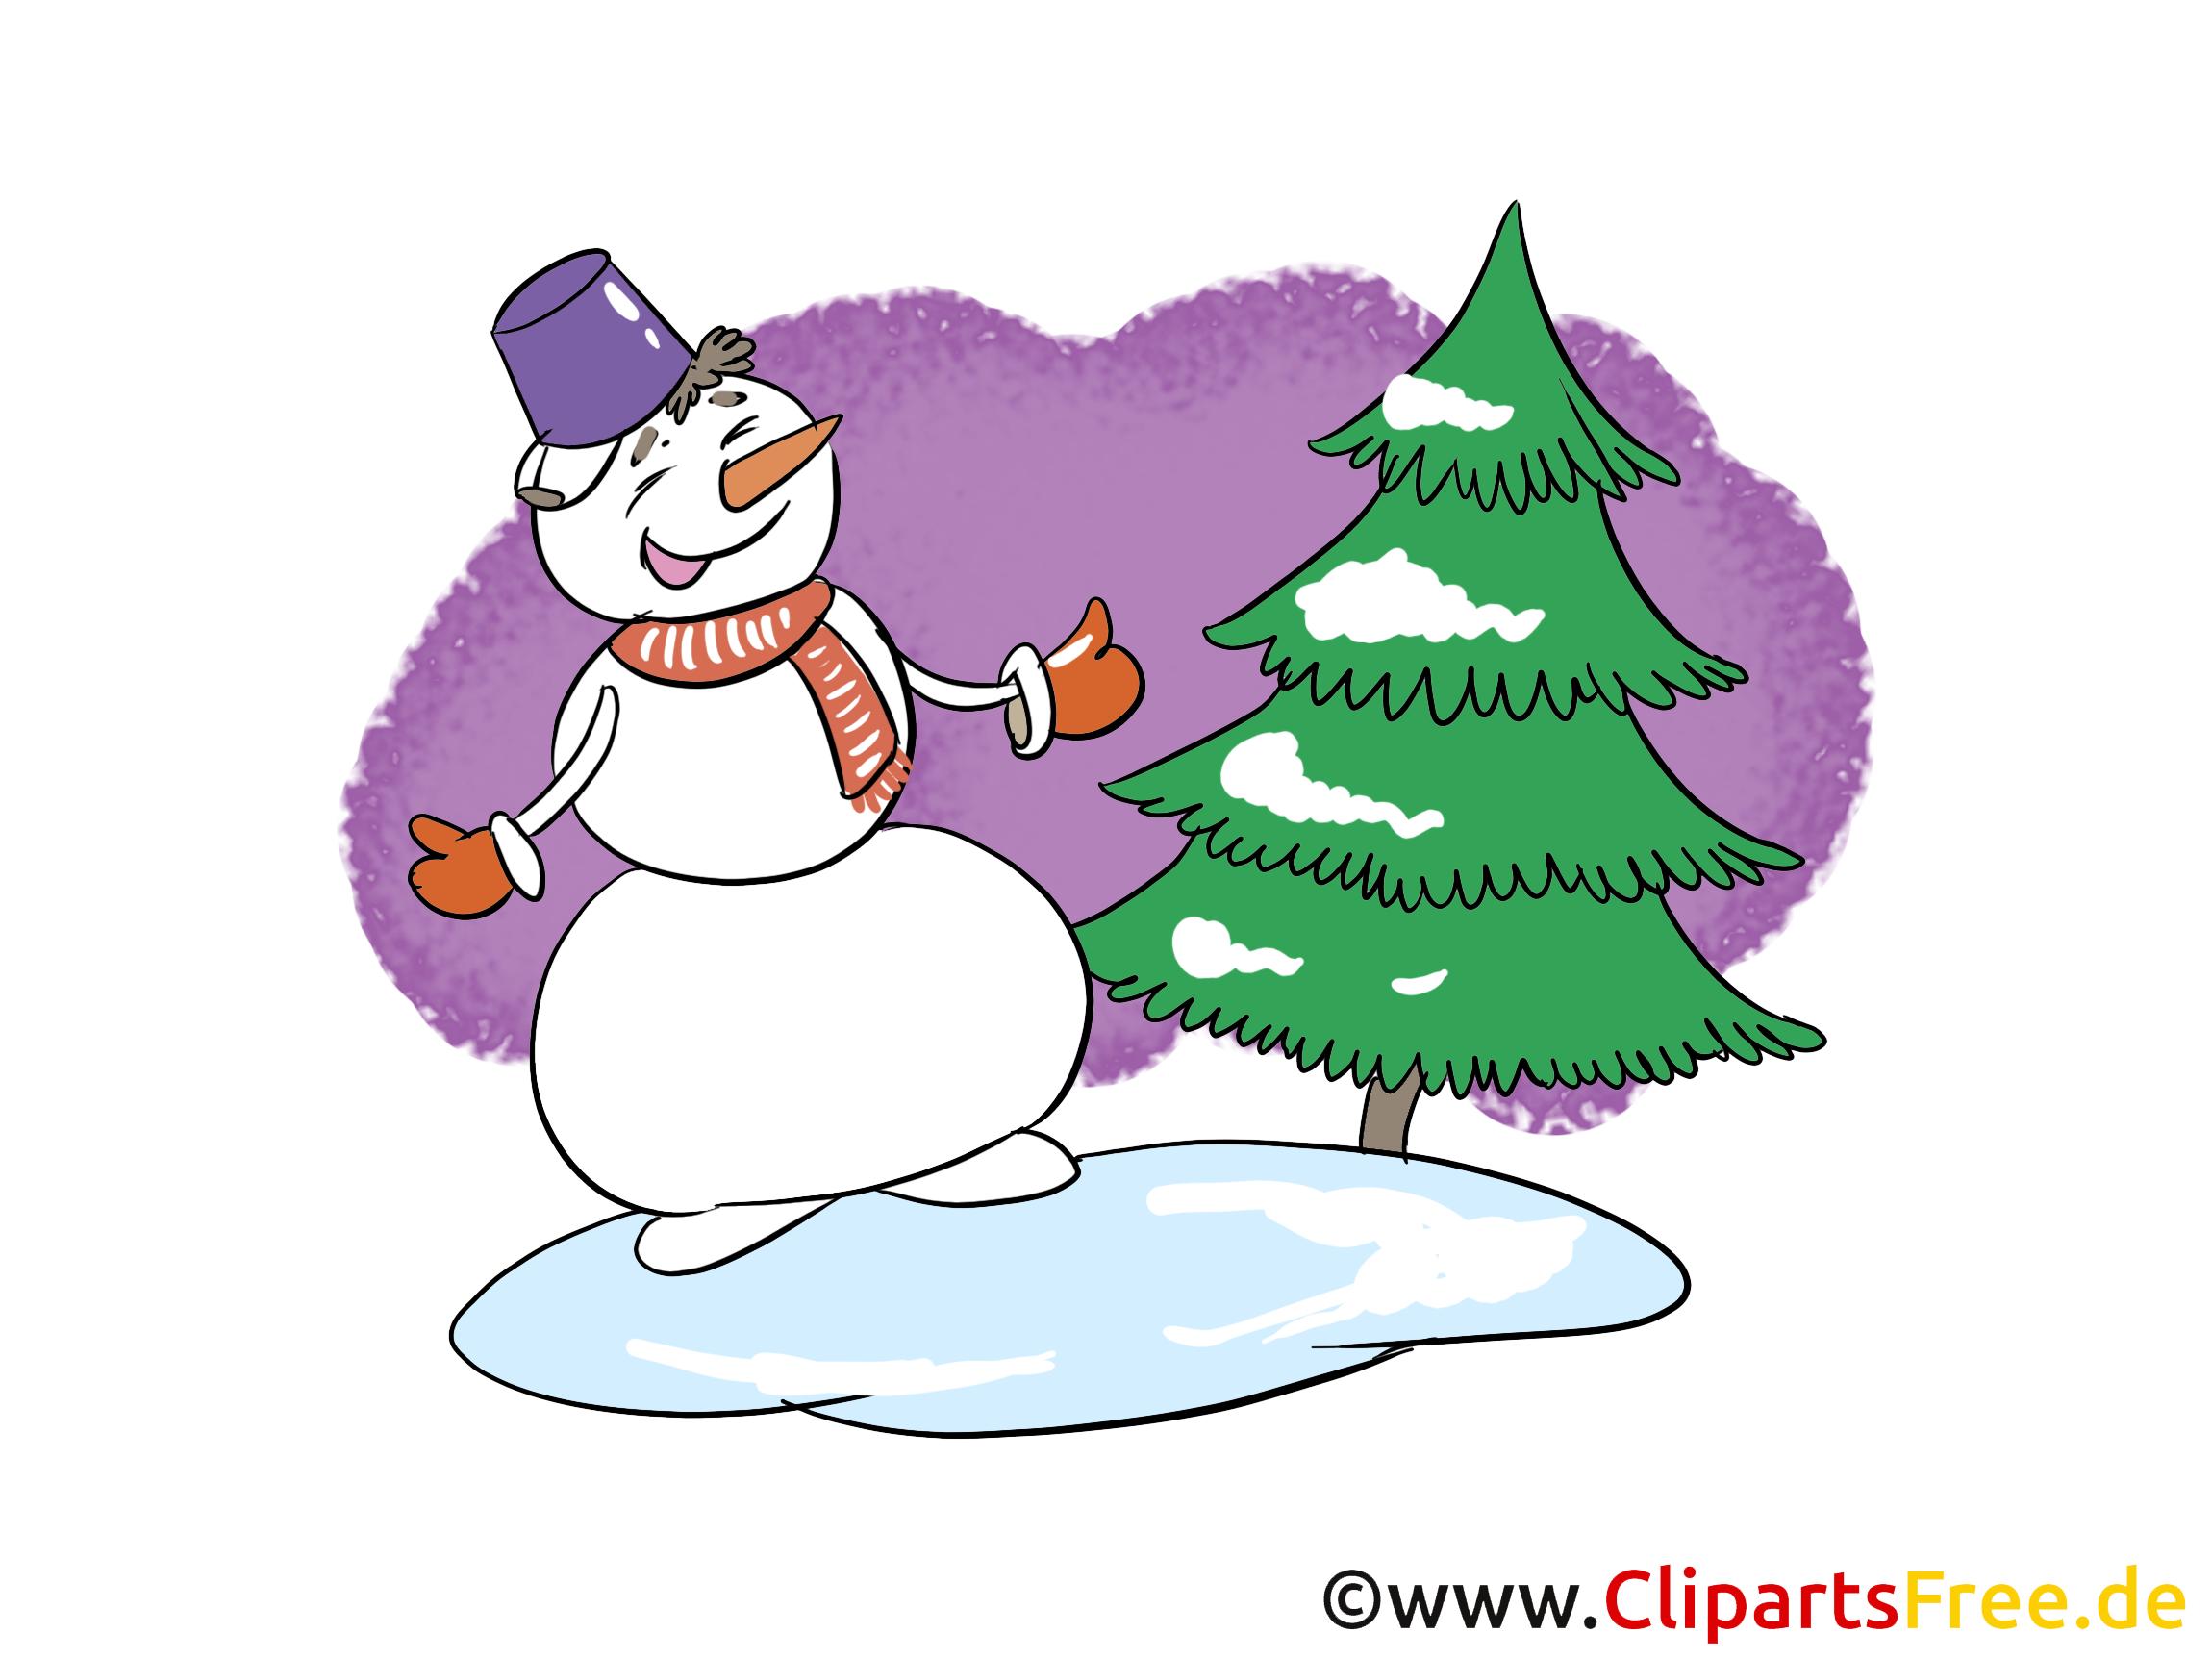 Schneemann, Tannenbaum, Winter, Schnee Bild, Clip Art, Image, Cartoon